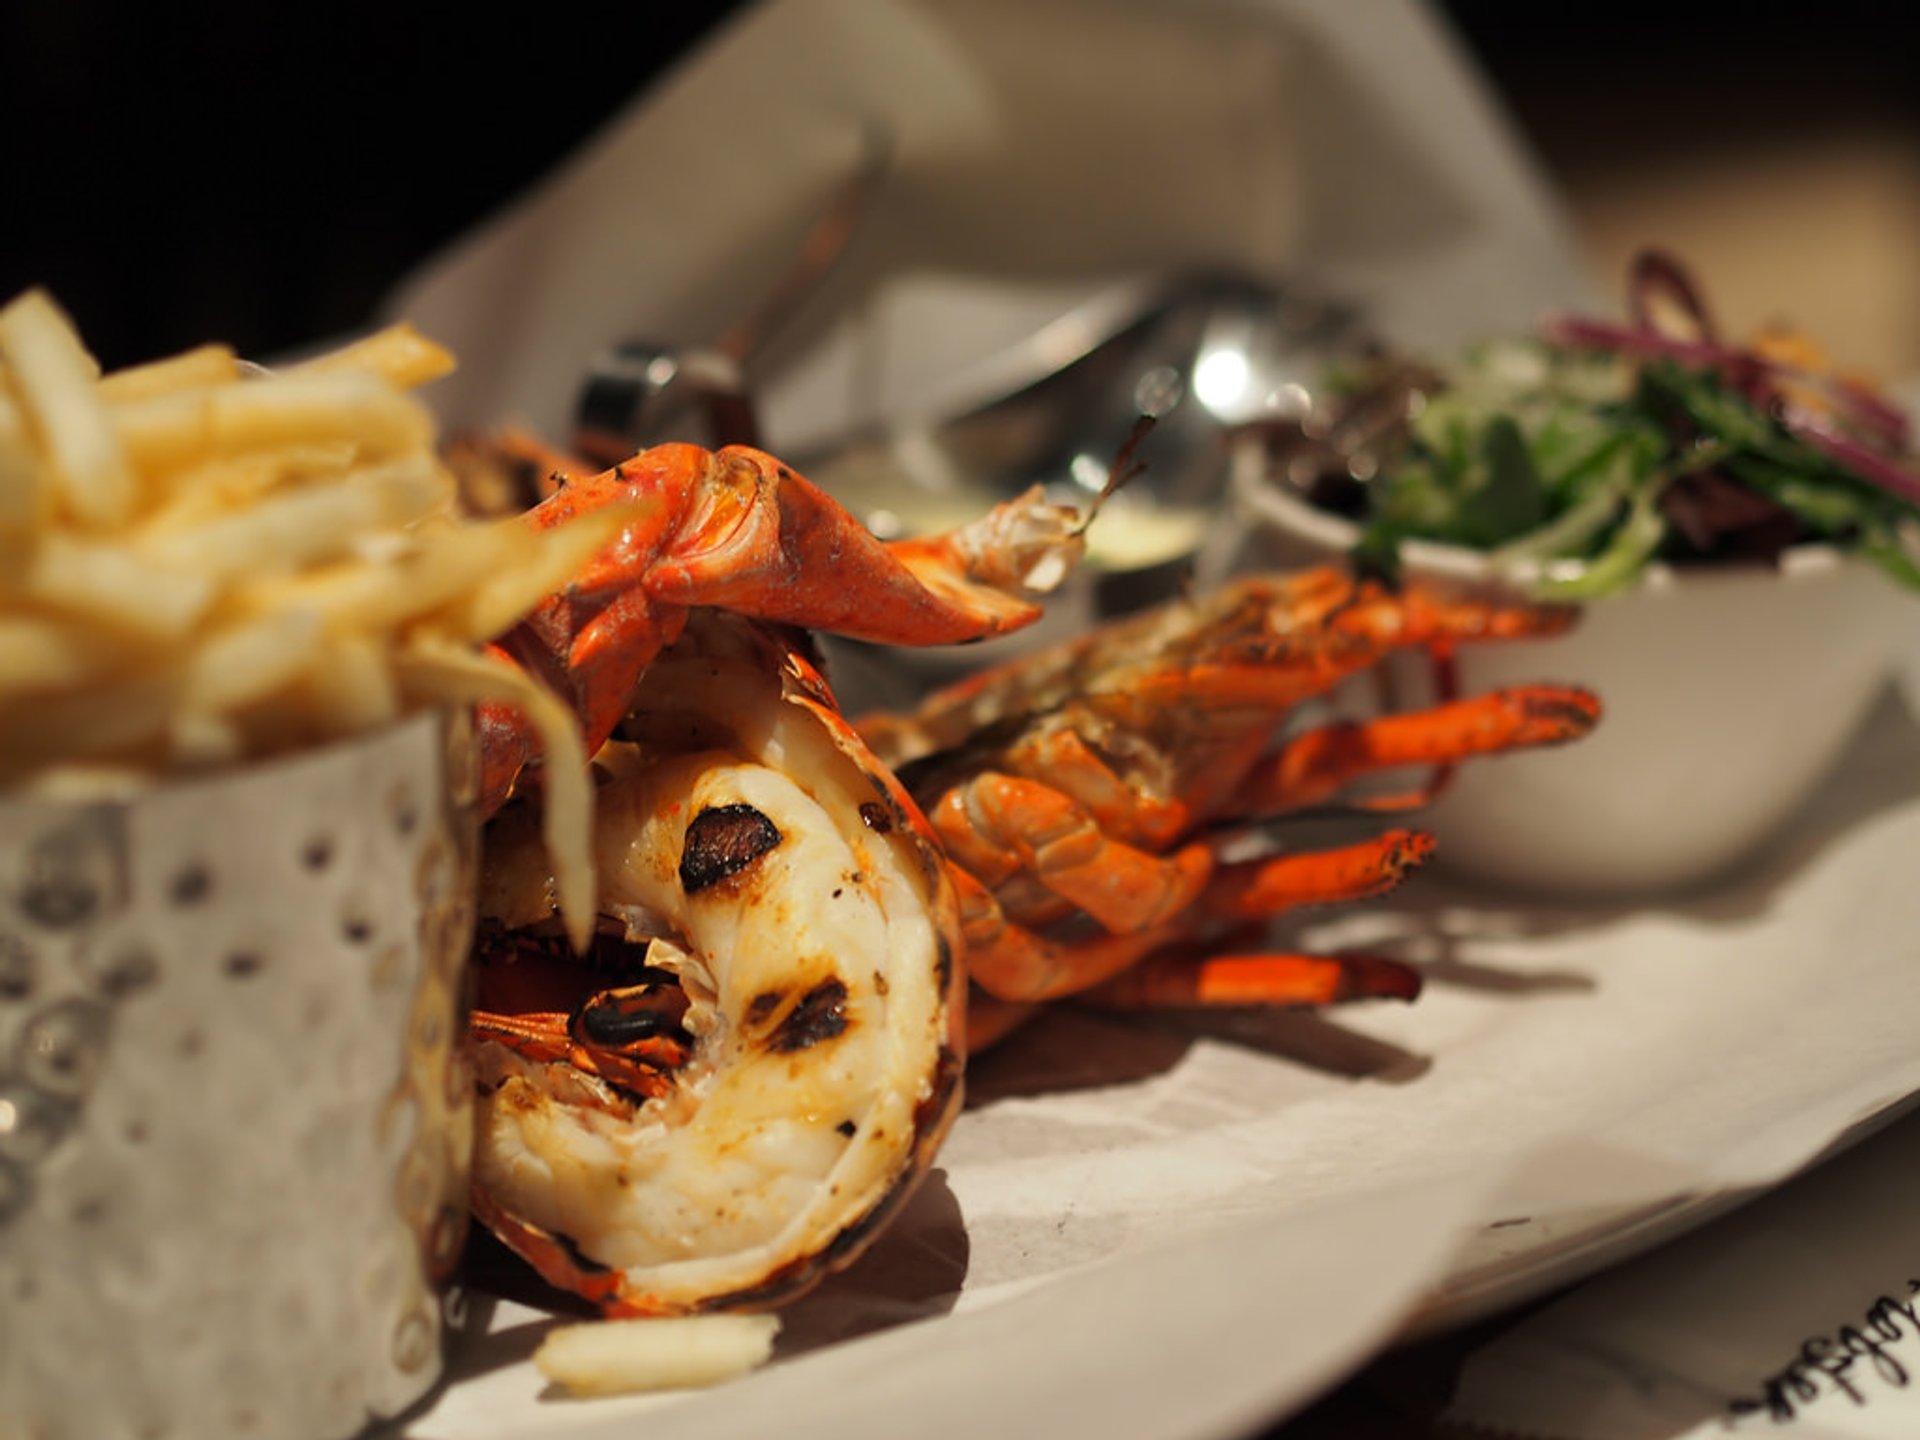 Lobster in London - Best Season 2020